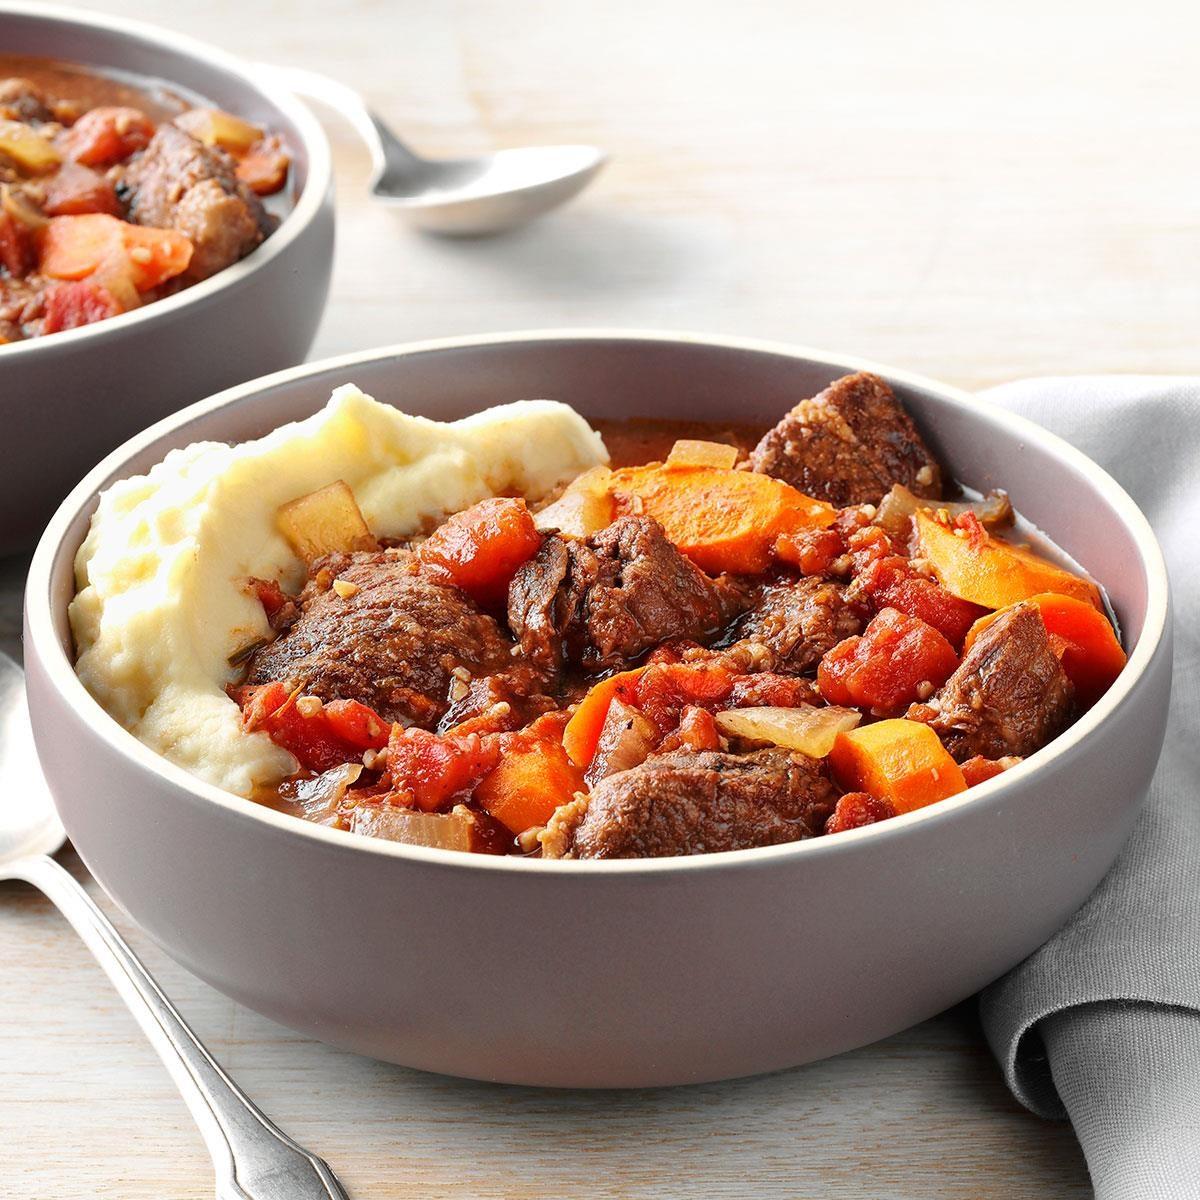 Garlic Lover's Beef Stew Recipe